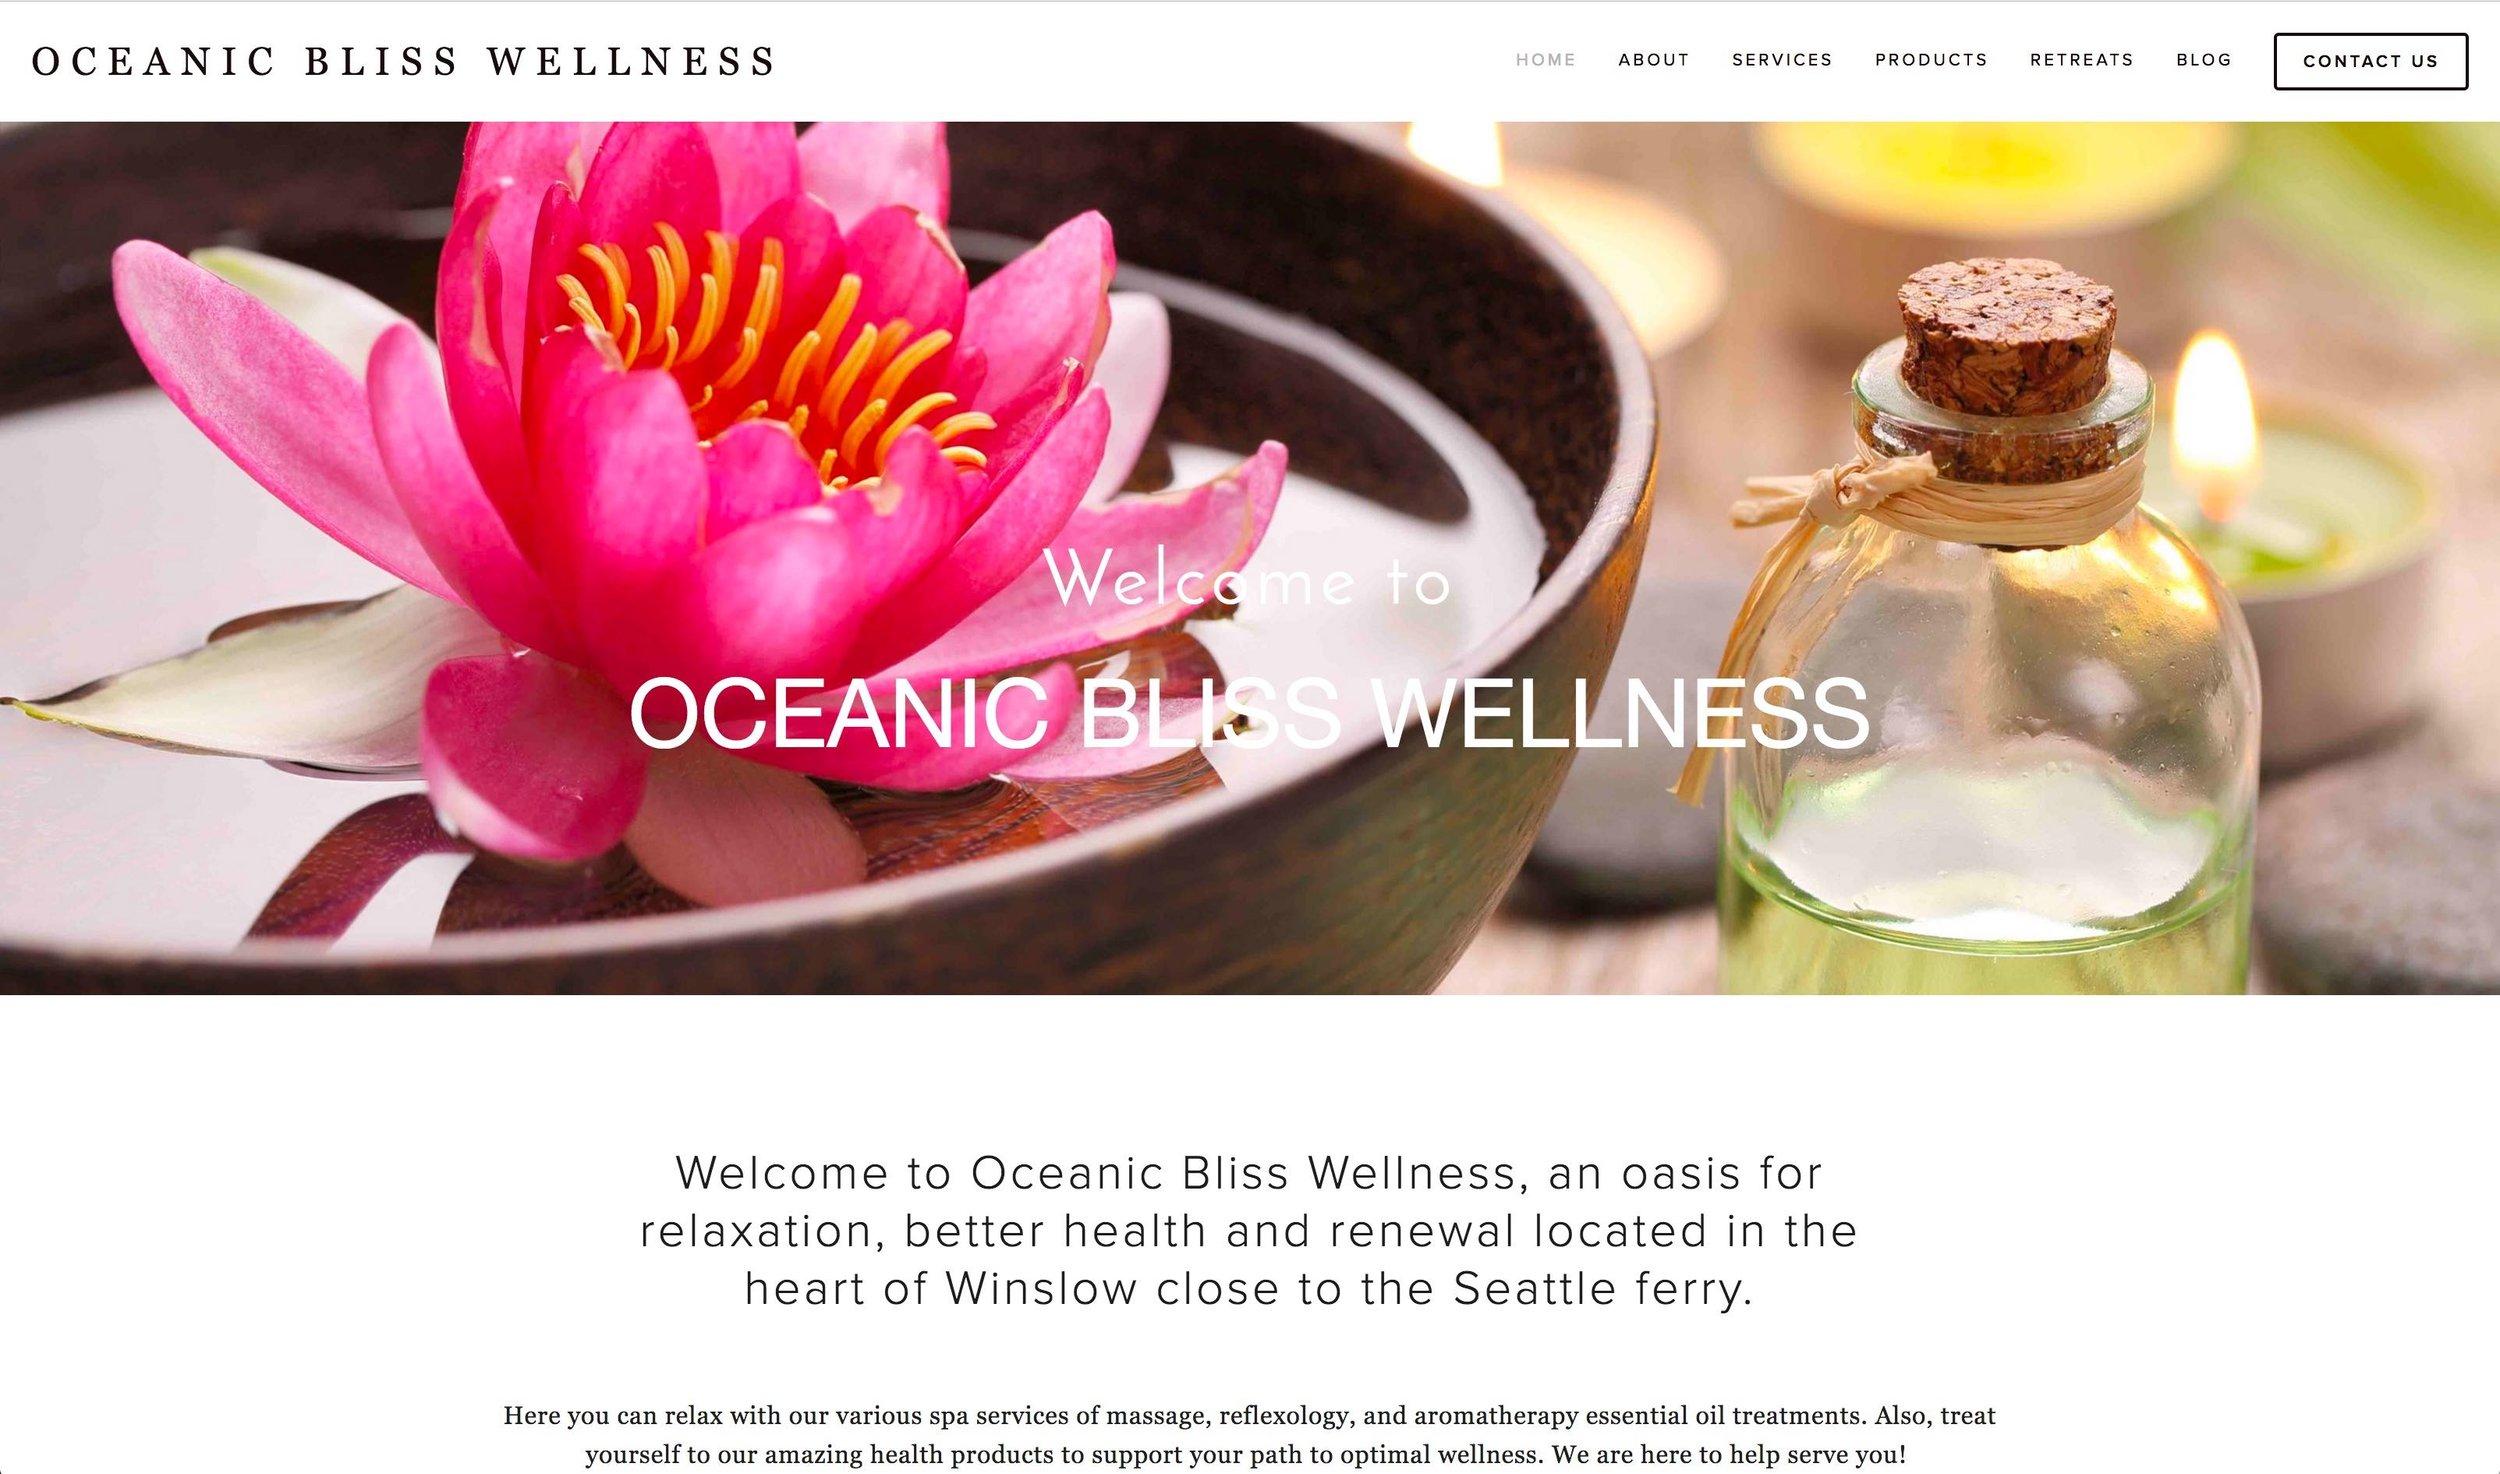 Oceanic Bliss Wellness